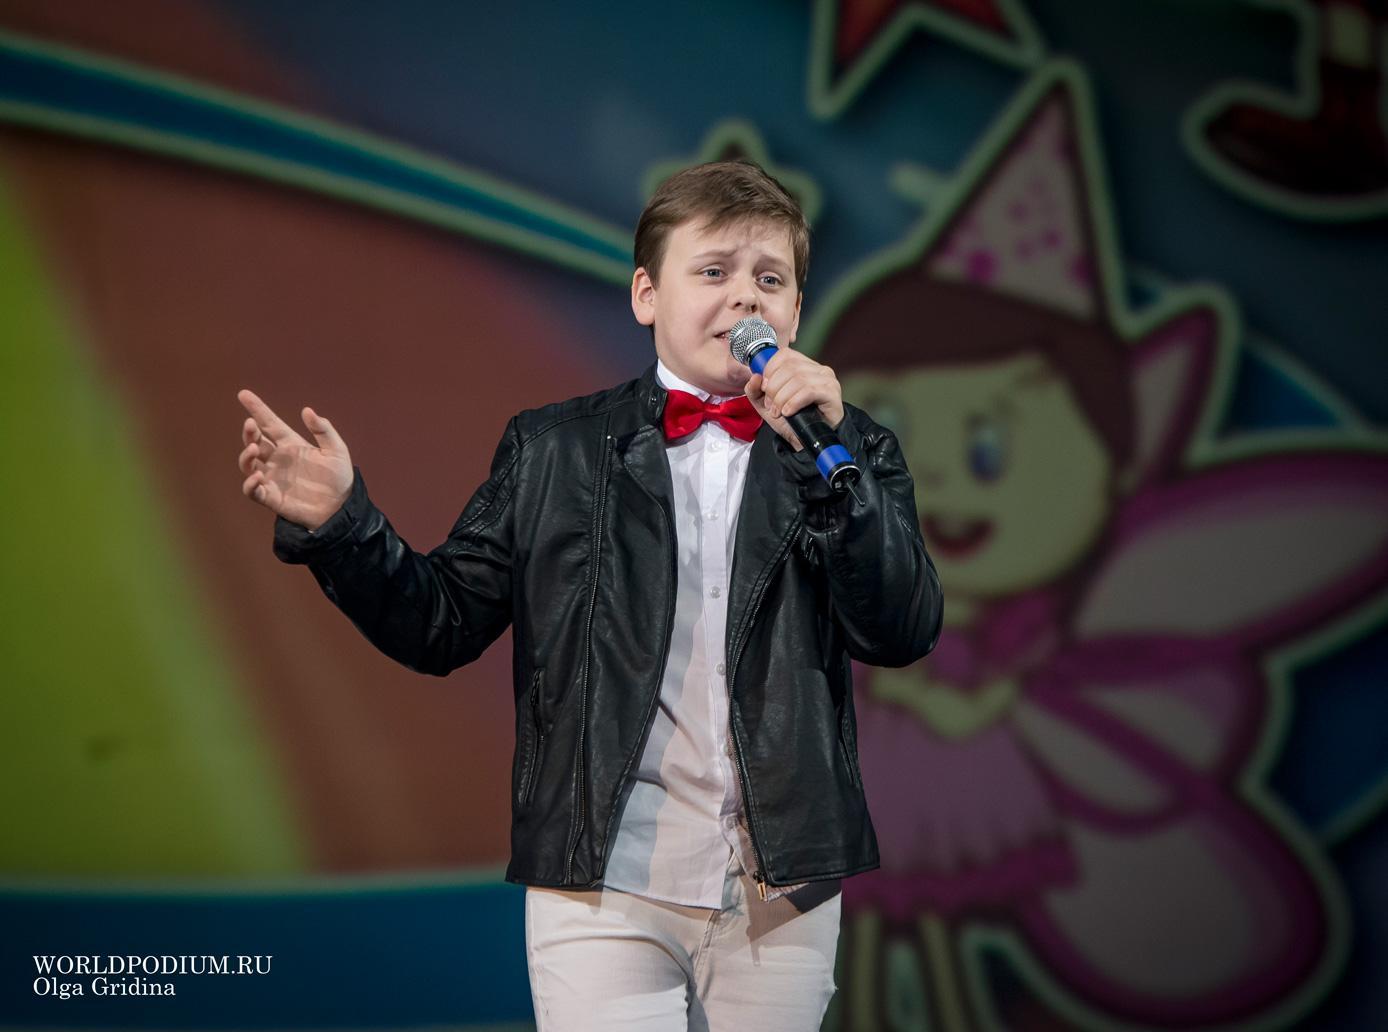 «Домисолька» выступила на закрытии Чемпионата мира по футболу!